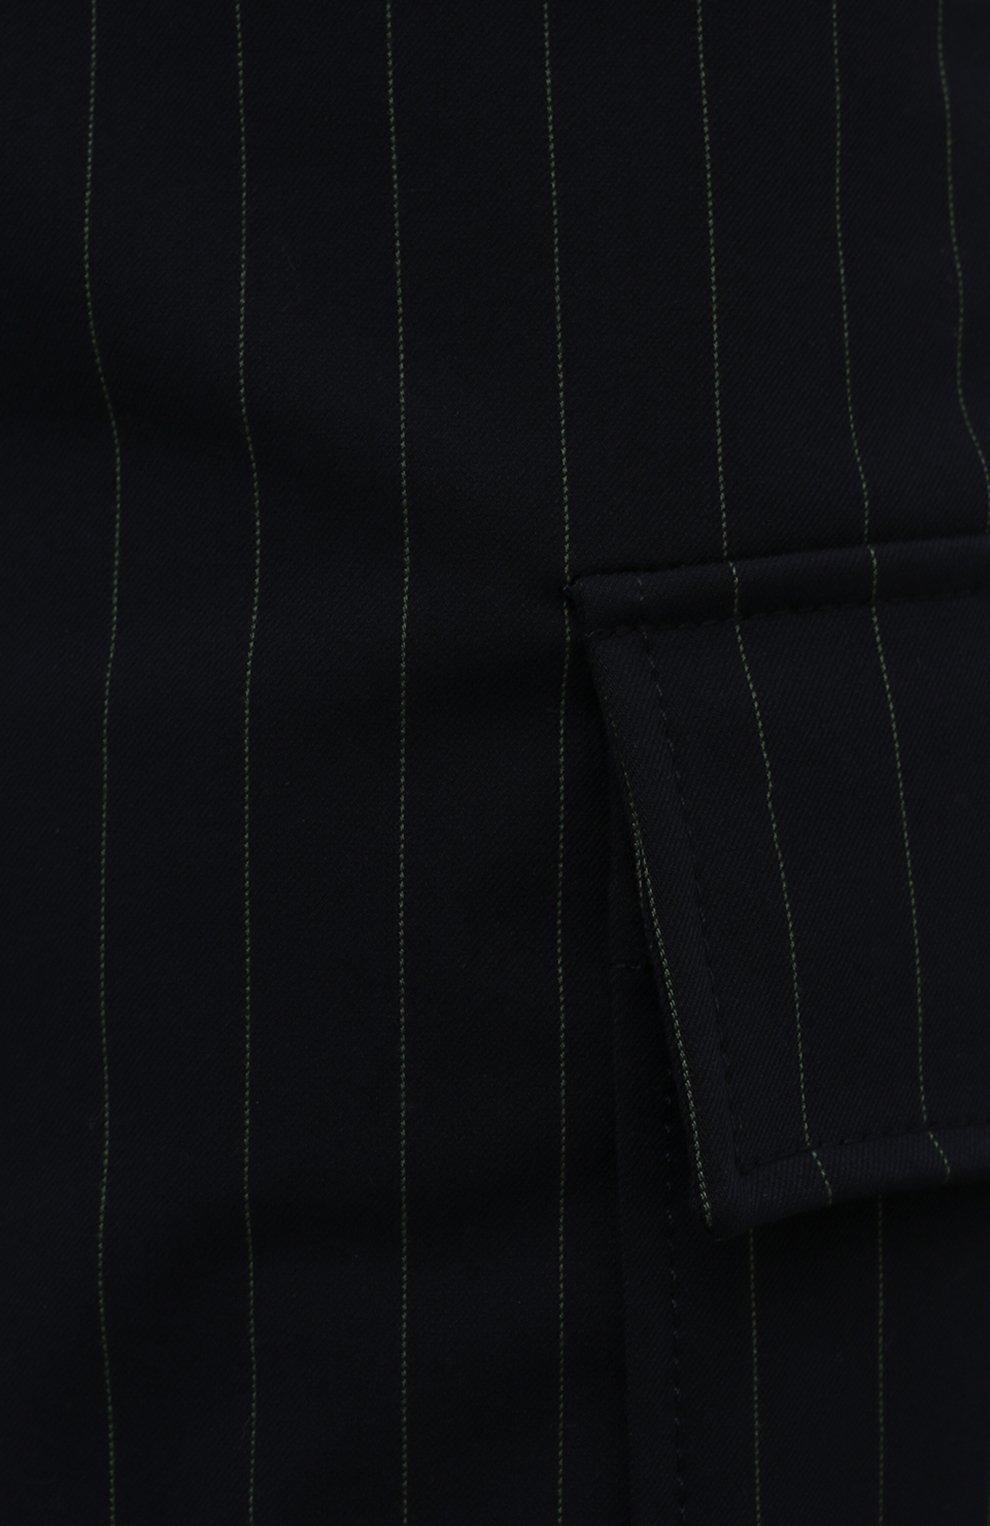 Женские шорты-бермуды GANNI темно-синего цвета, арт. F6119   Фото 5 (Женское Кросс-КТ: Шорты-одежда; Длина Ж (юбки, платья, шорты): Мини; Материал внешний: Синтетический материал, Вискоза; Кросс-КТ: Широкие; Стили: Кэжуэл)